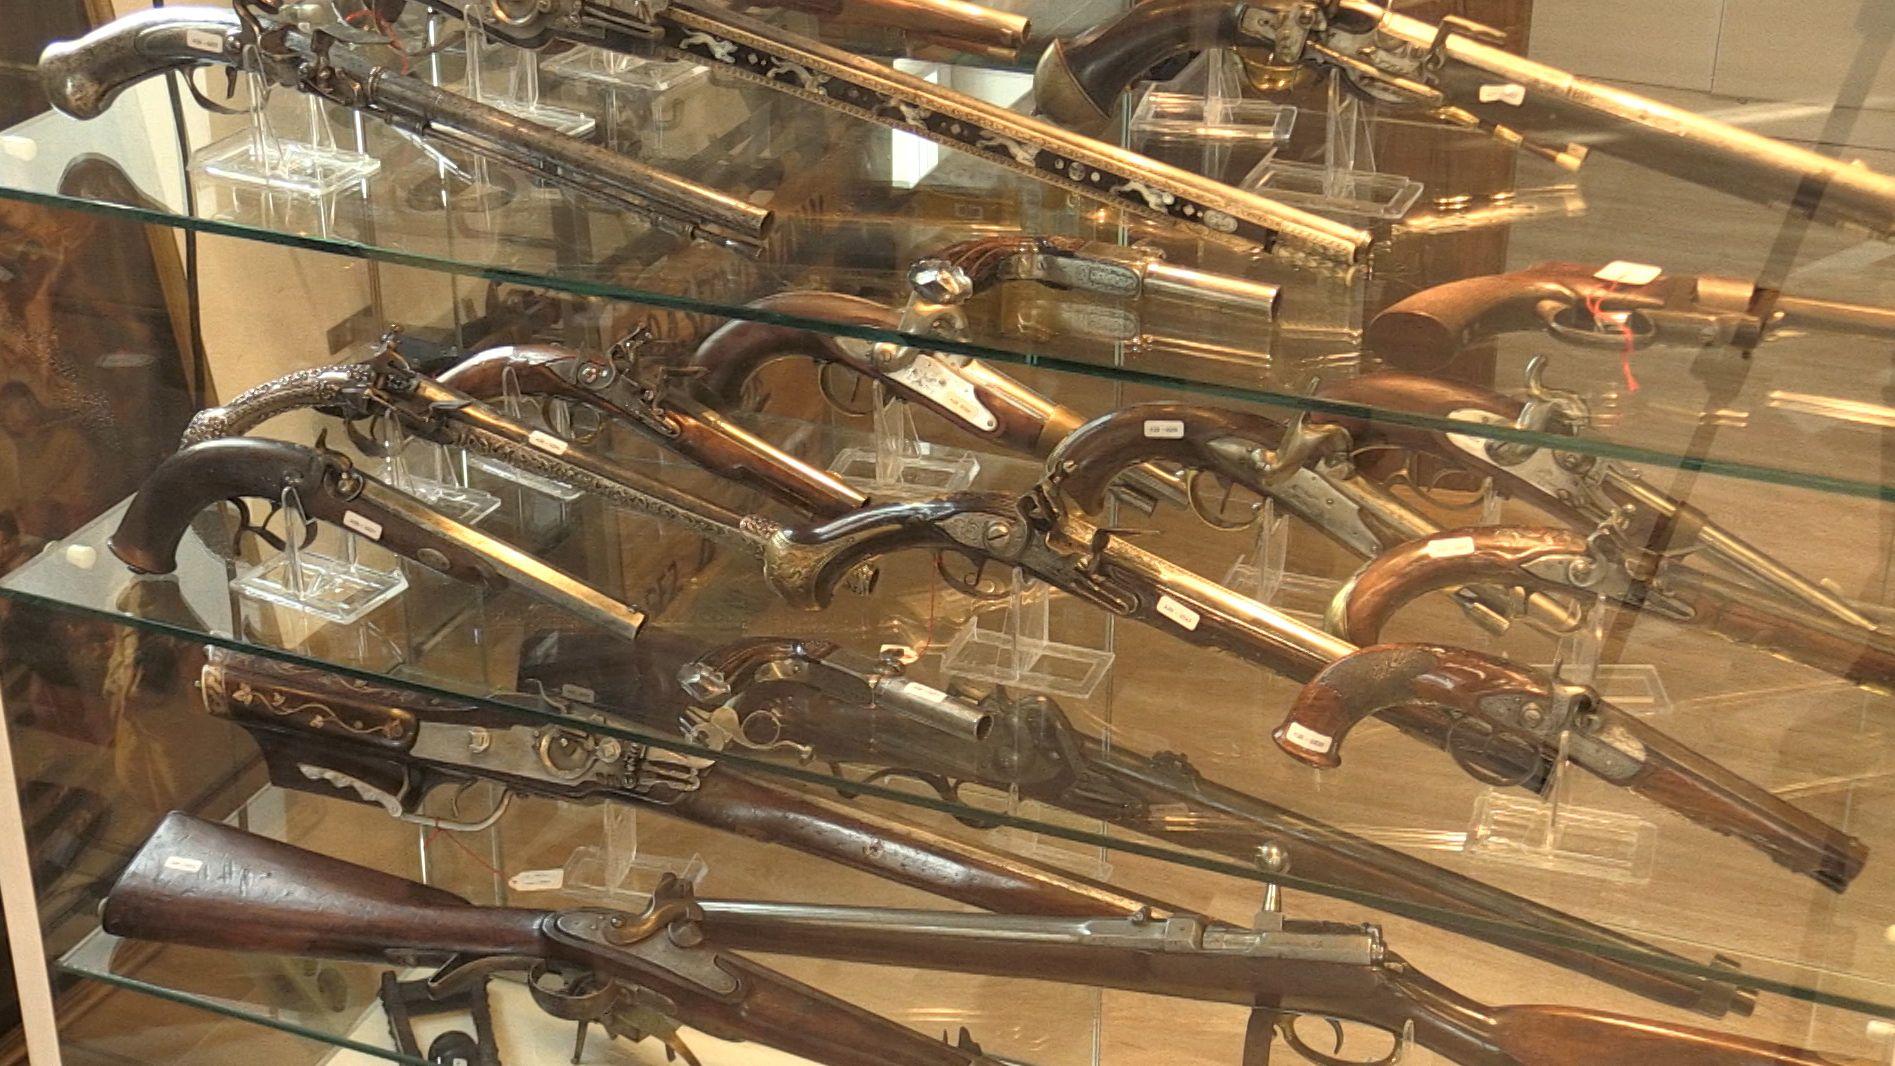 Historische Waffen finden internationales Interesse bei Bietern, bei der Sonderauktion im Auktionshaus Landshuter Rüstkammer